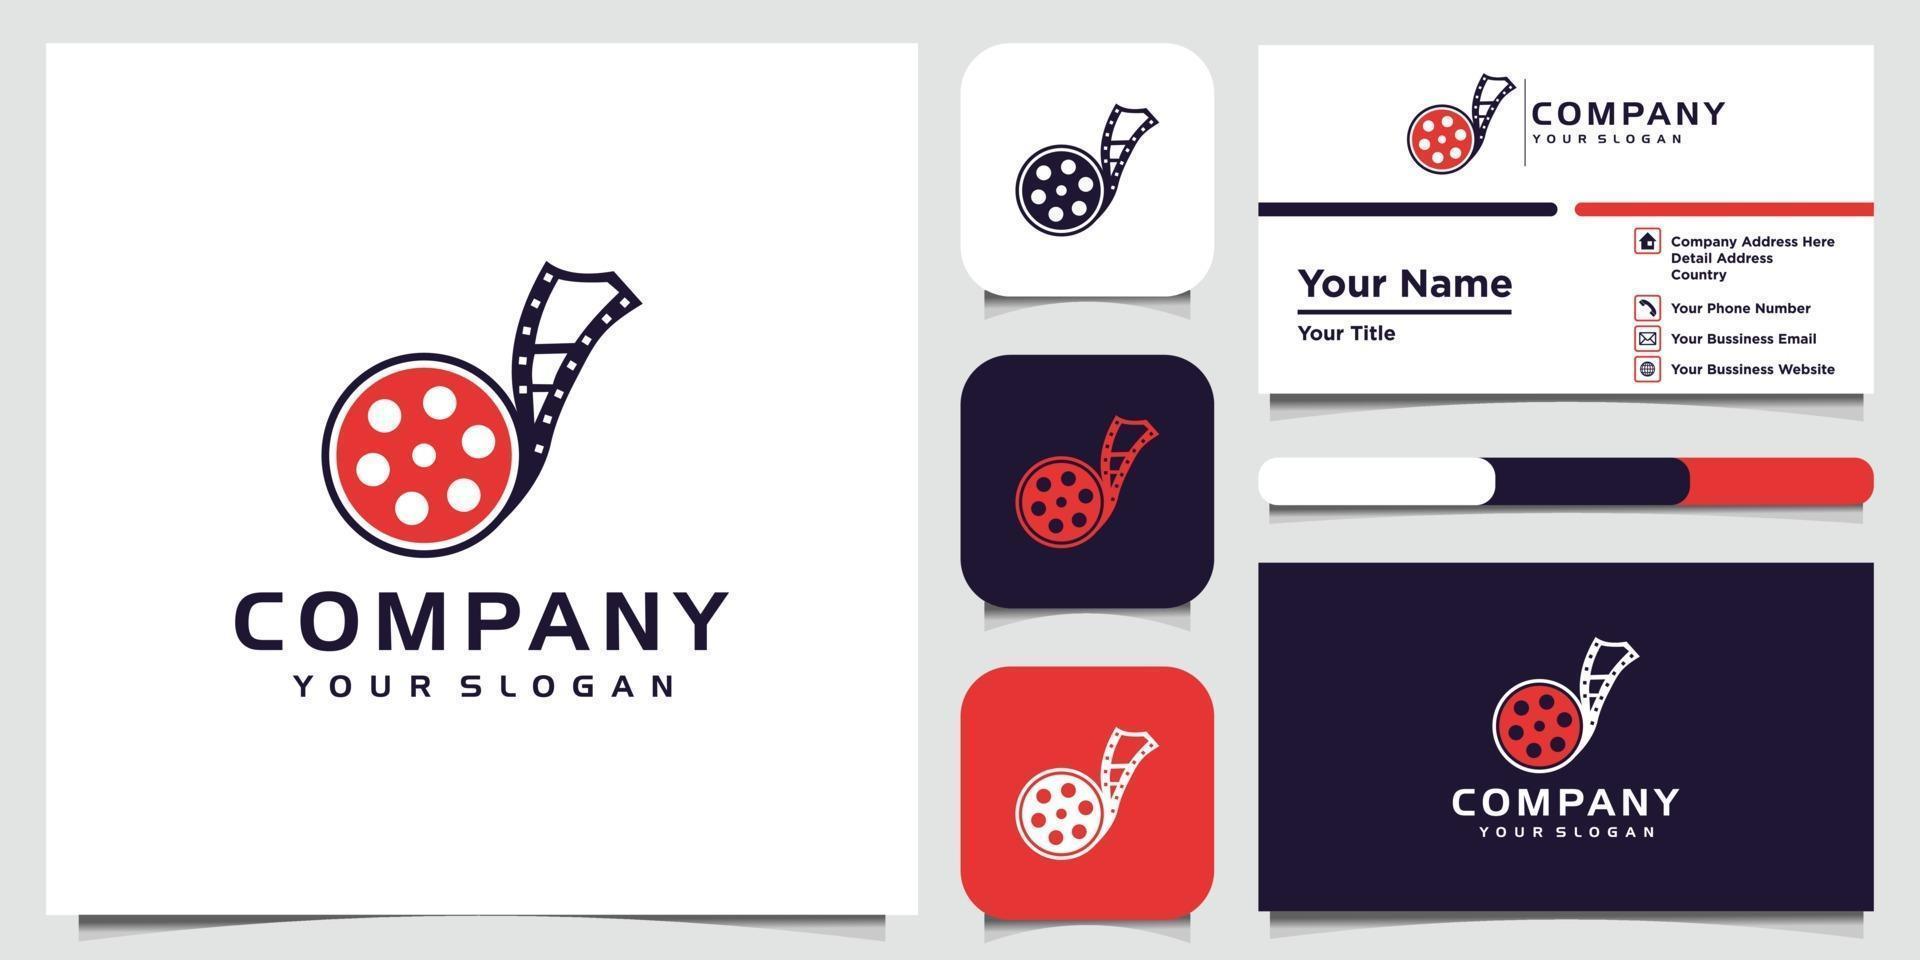 Plantillas de diseño de logotipos de fotografía y tarjetas de visita. vector